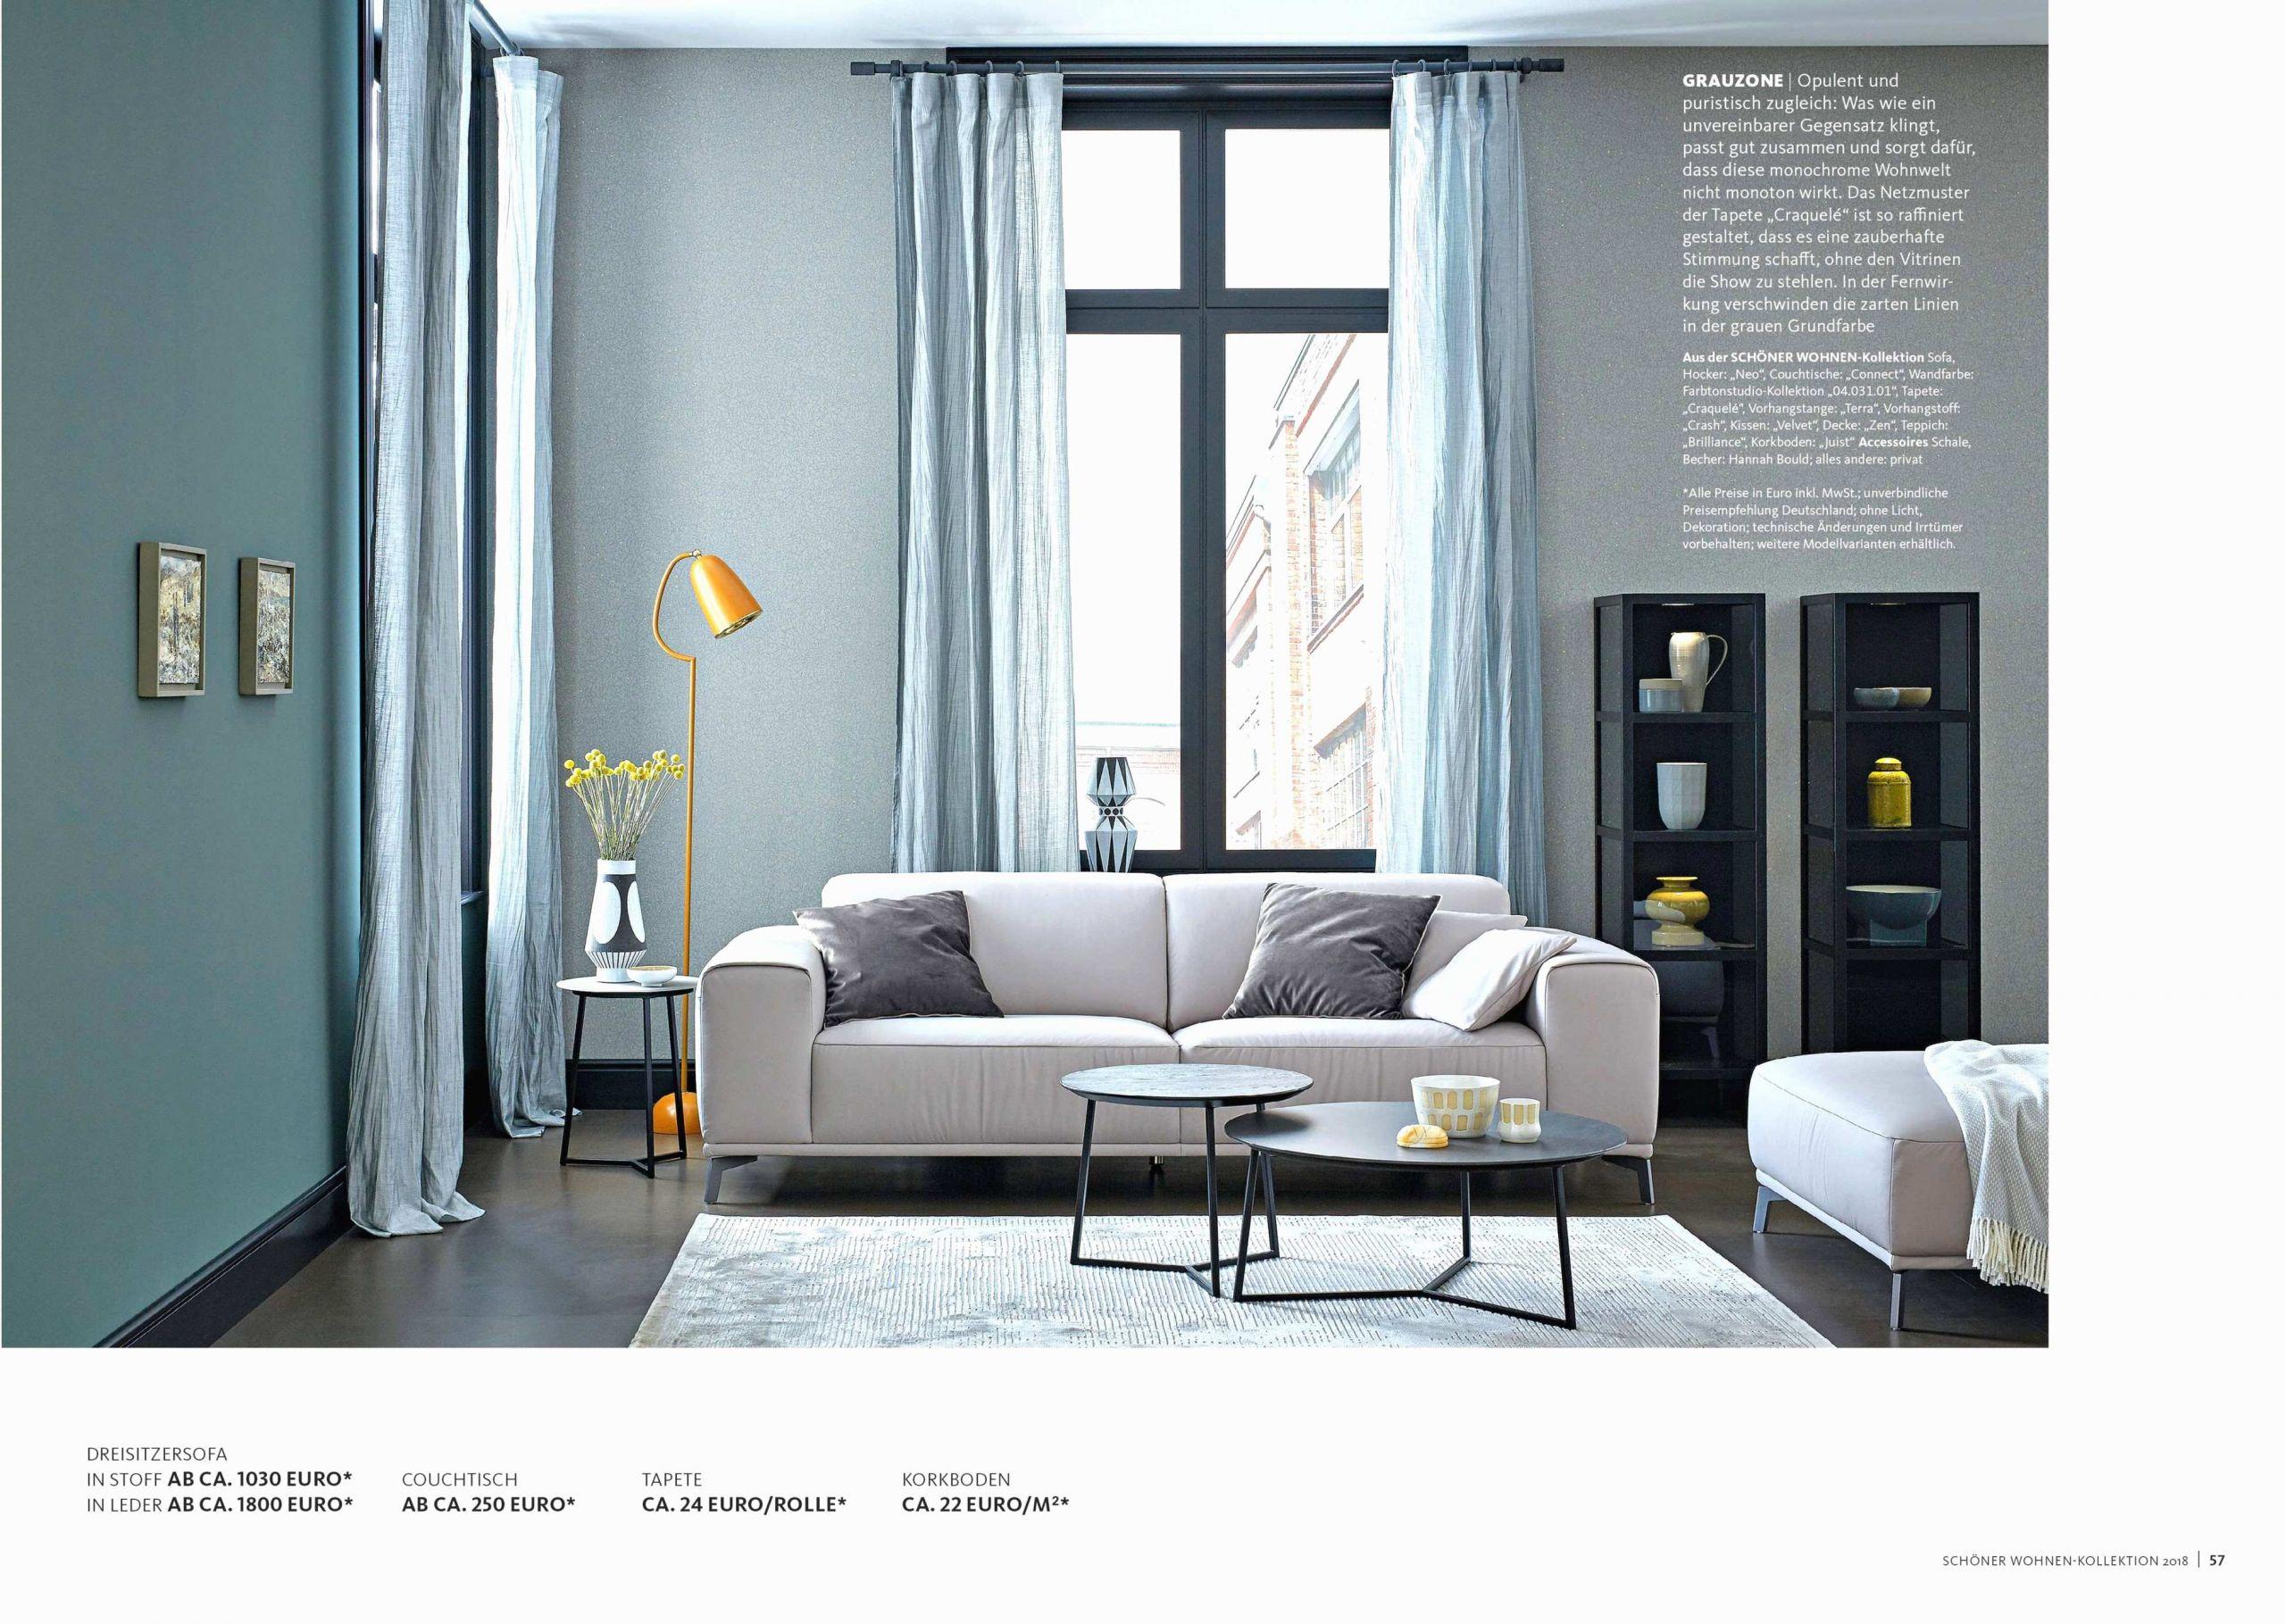 tapeten schlafzimmer schoner wohnen das beste von amazing schoner wohnen wohnzimmer ideas moderne vintage of tapeten schlafzimmer schoner wohnen